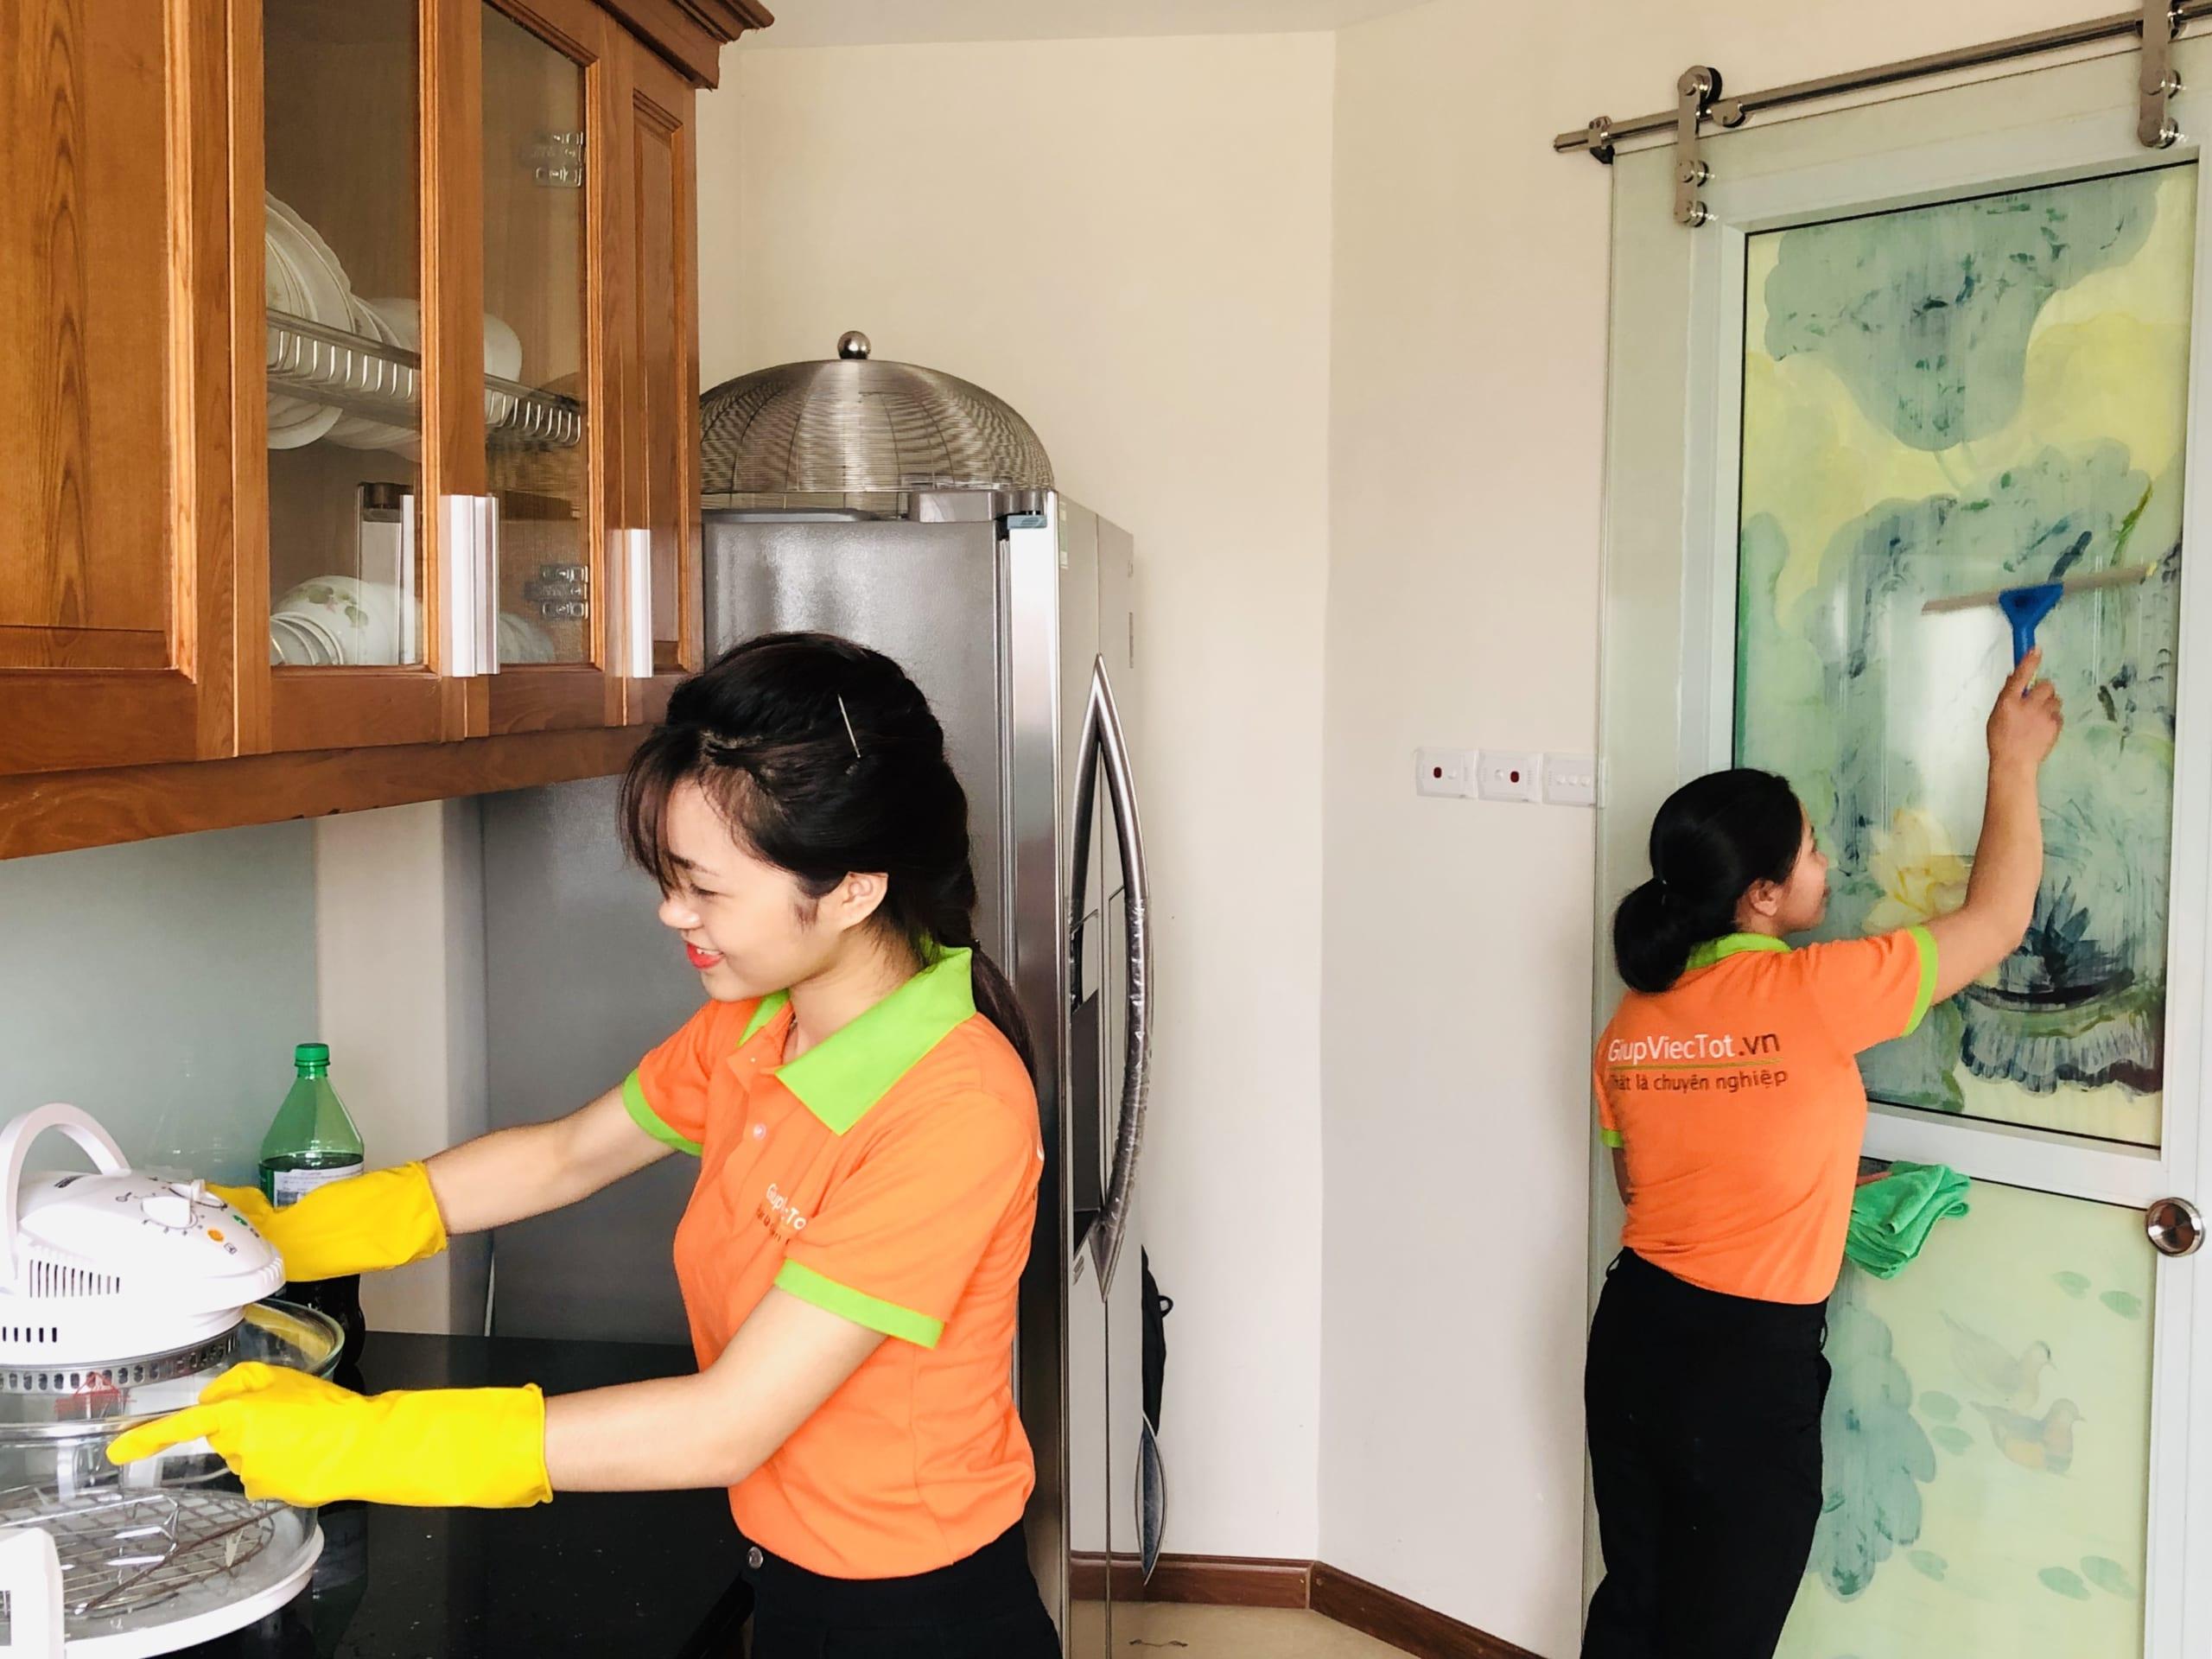 dịch vụ dọn dẹp nhà theo giờ